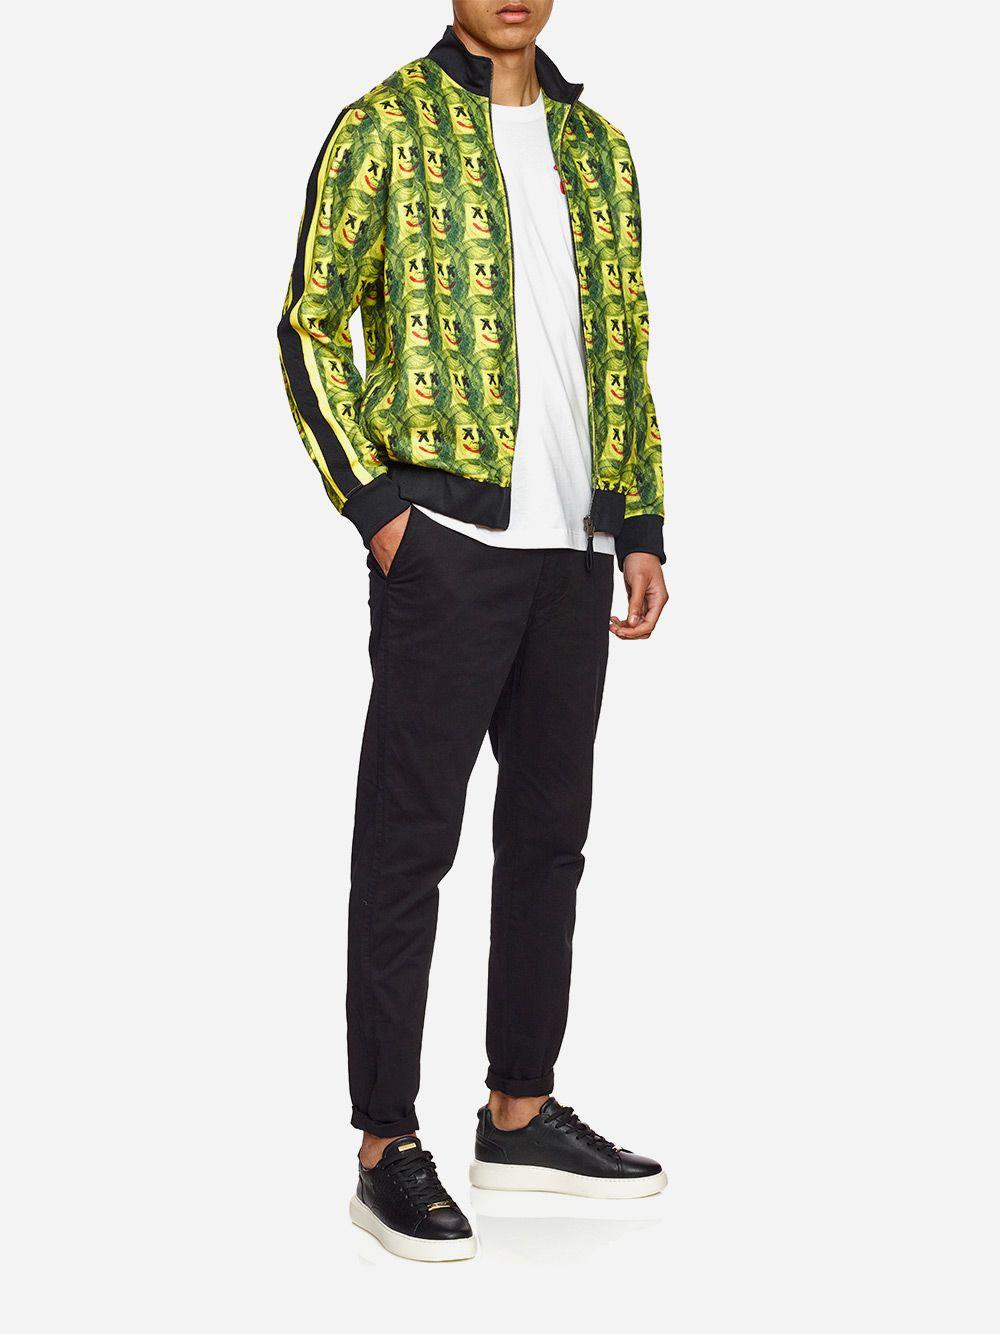 Casaco Amarelo e Verde | AMBITIOUS